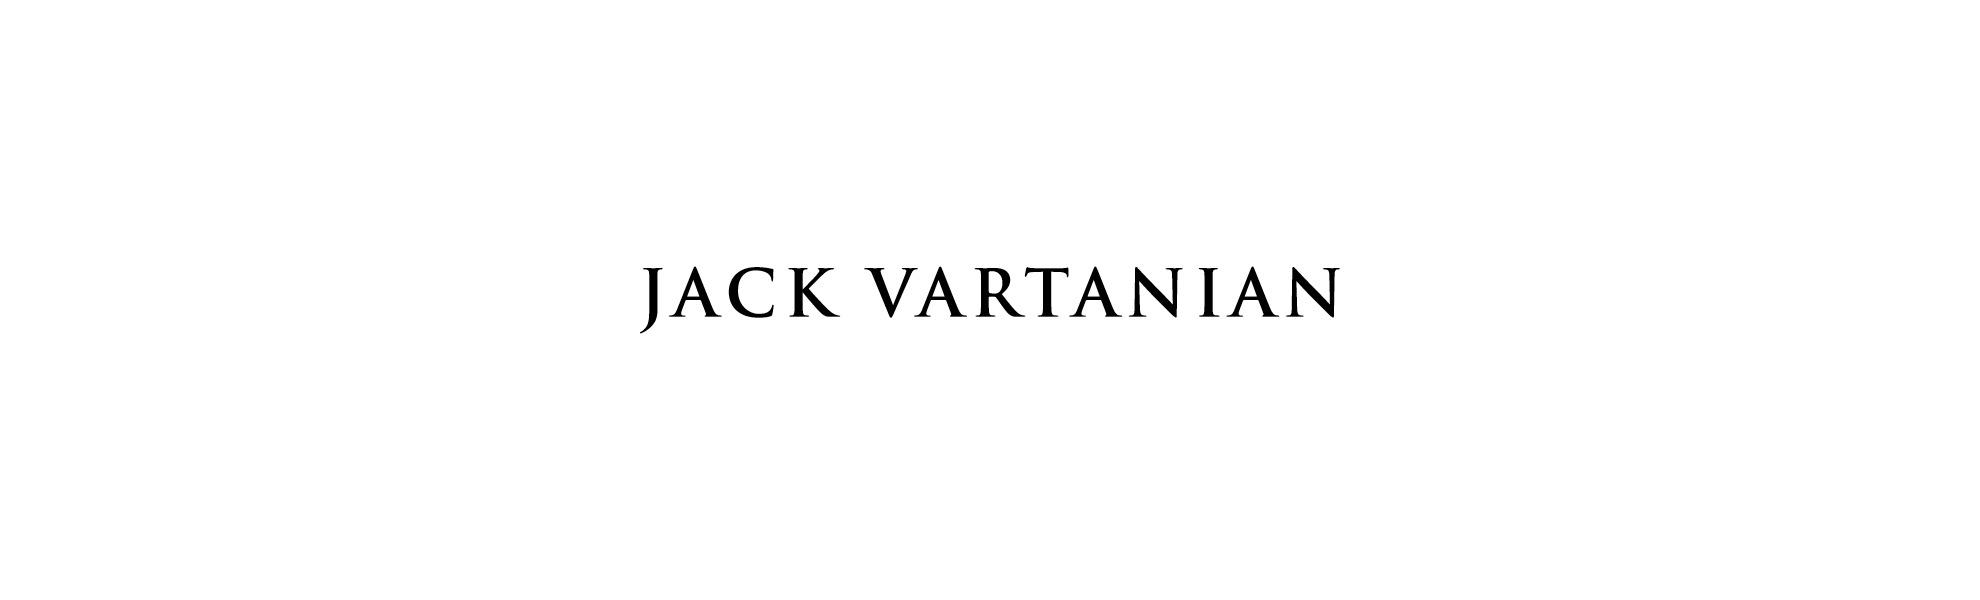 Jack Vartanian